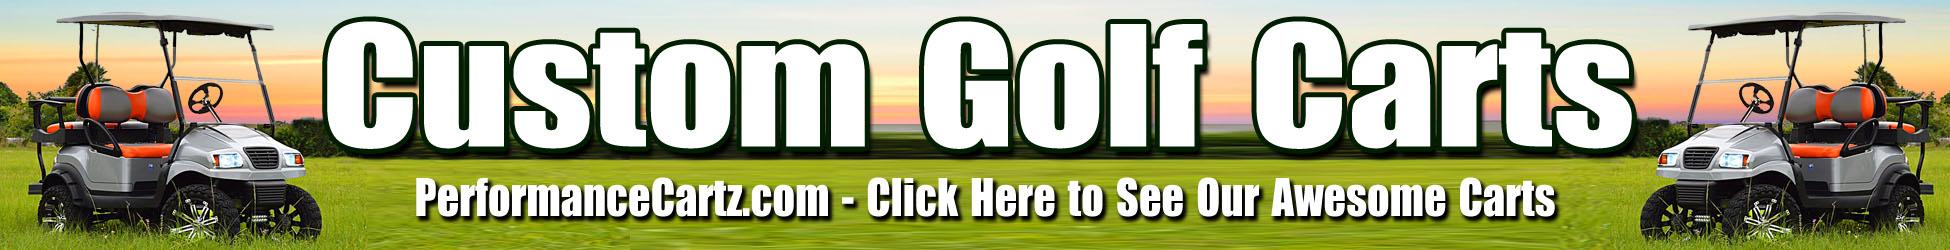 PerformanceCartz.com Custom Golf Carts of South Florida